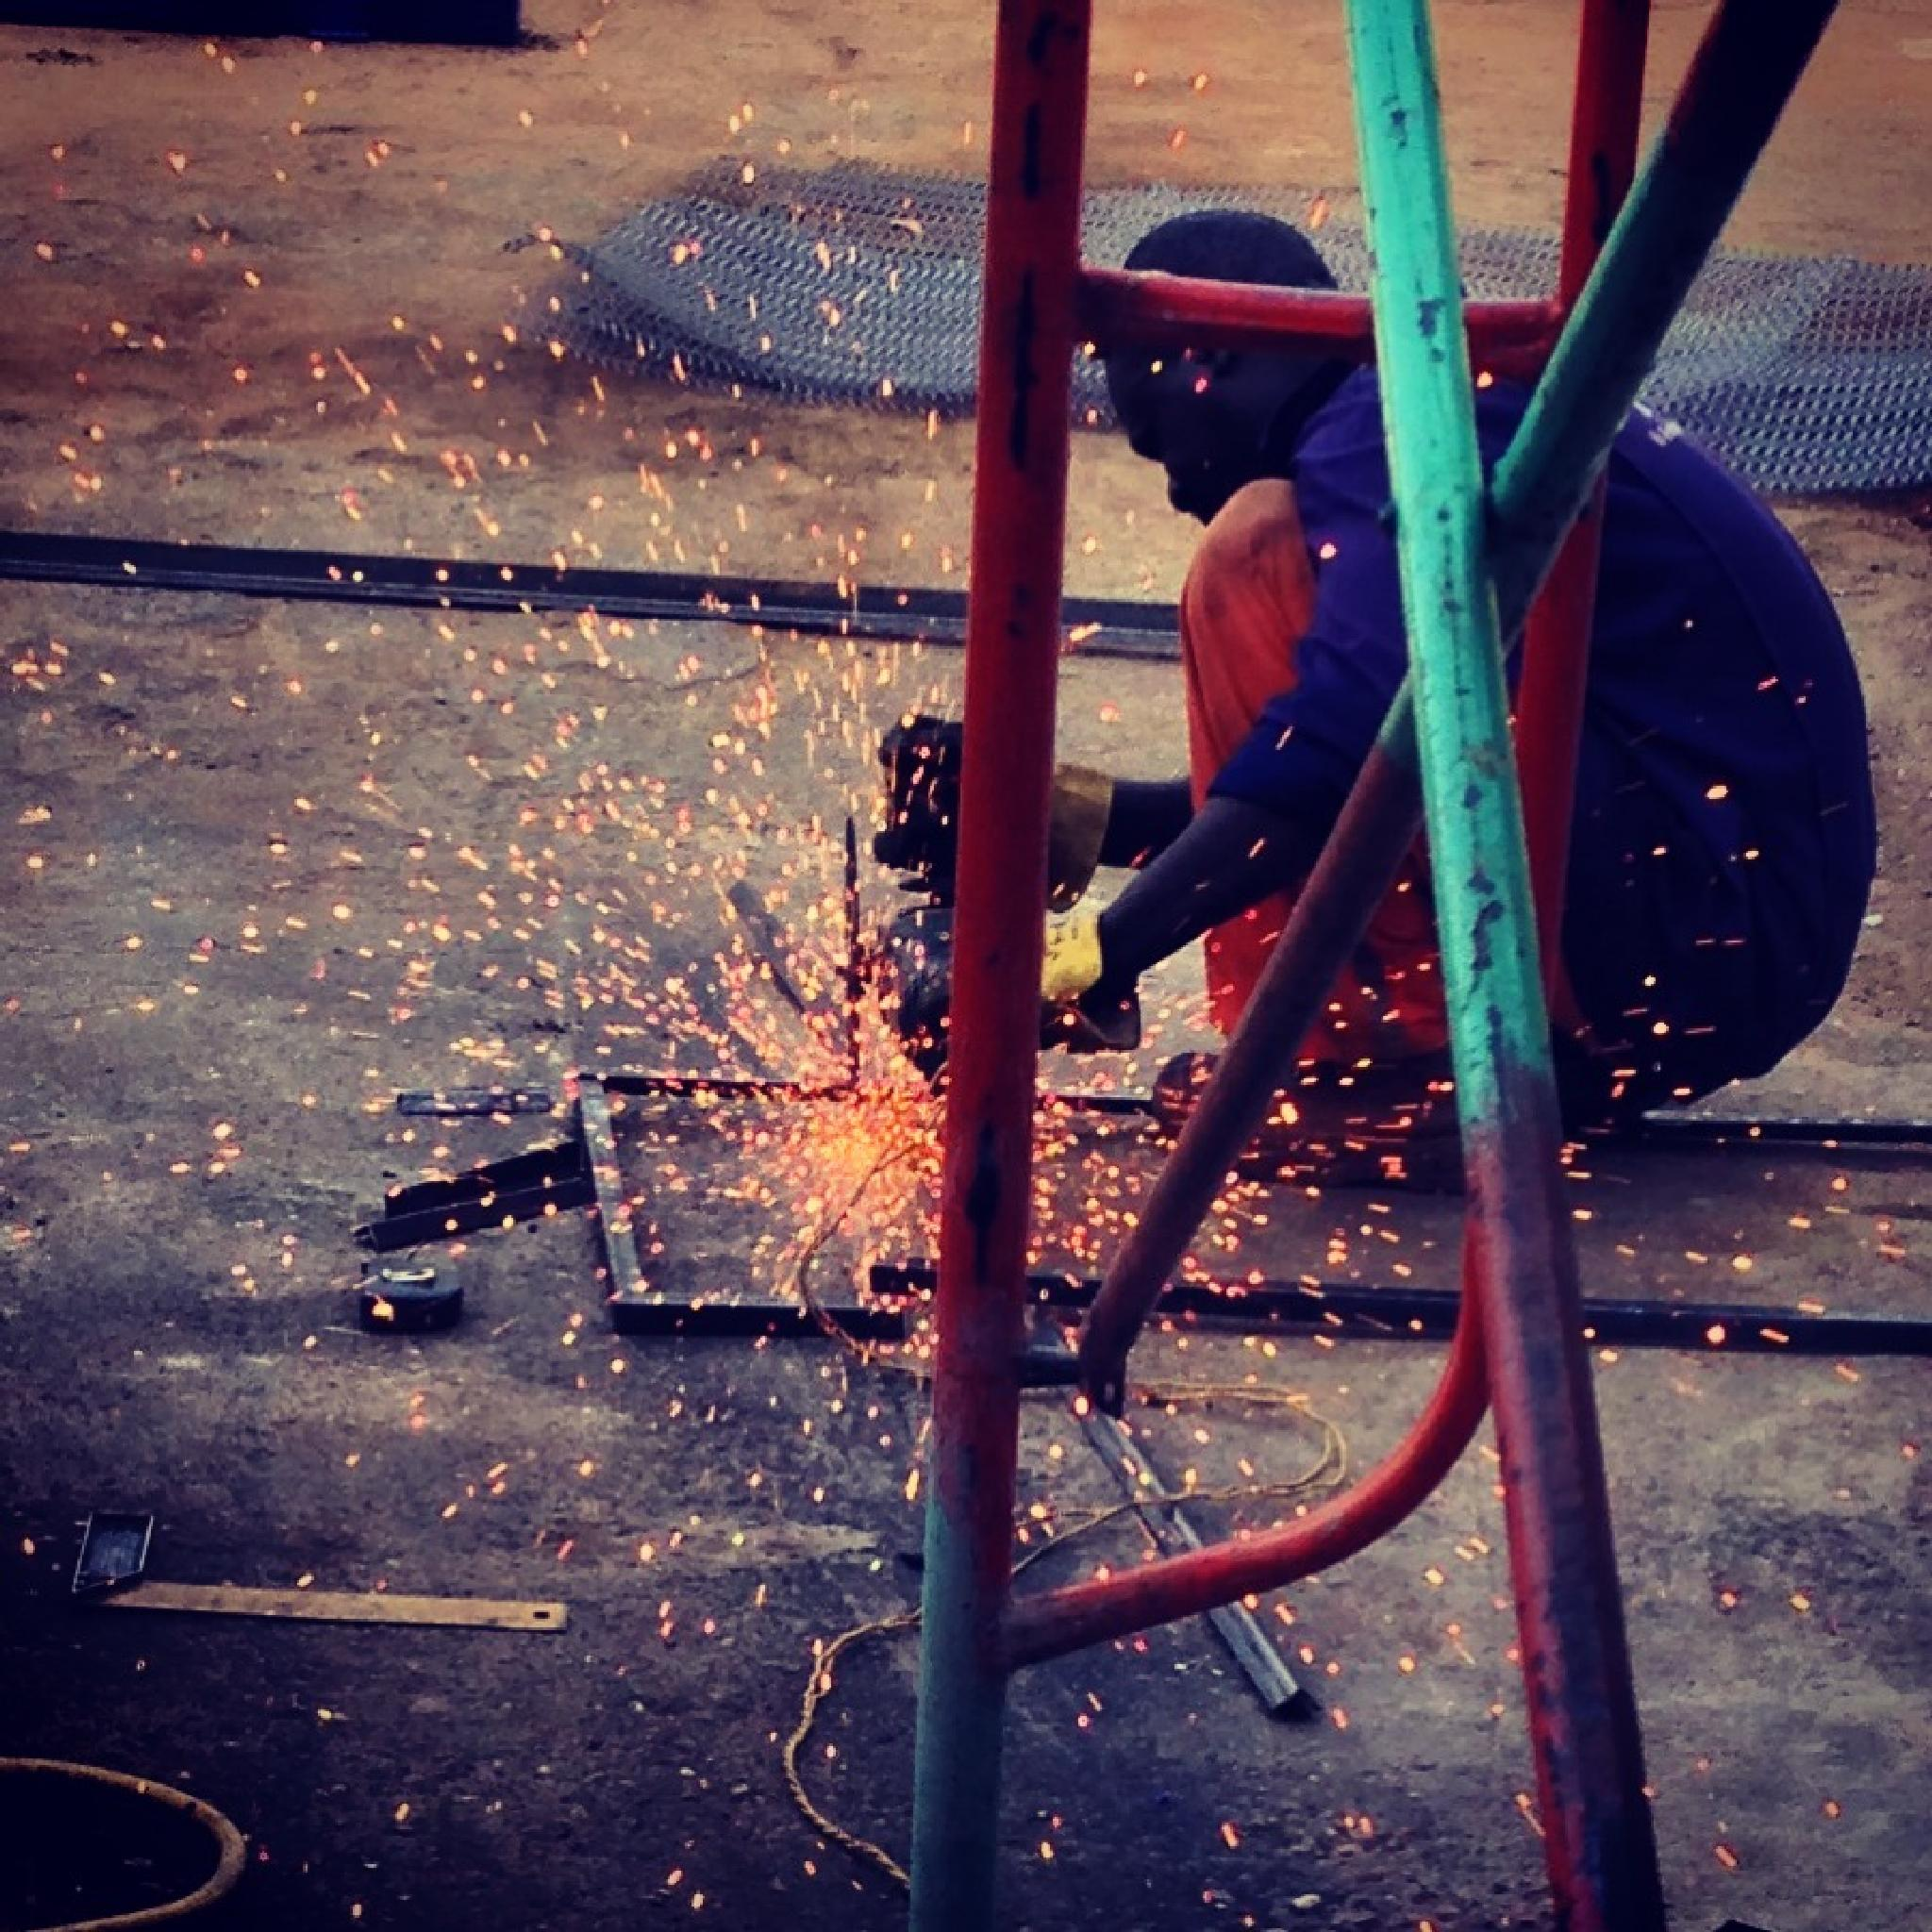 Sudan worker working hard by Blacky Li